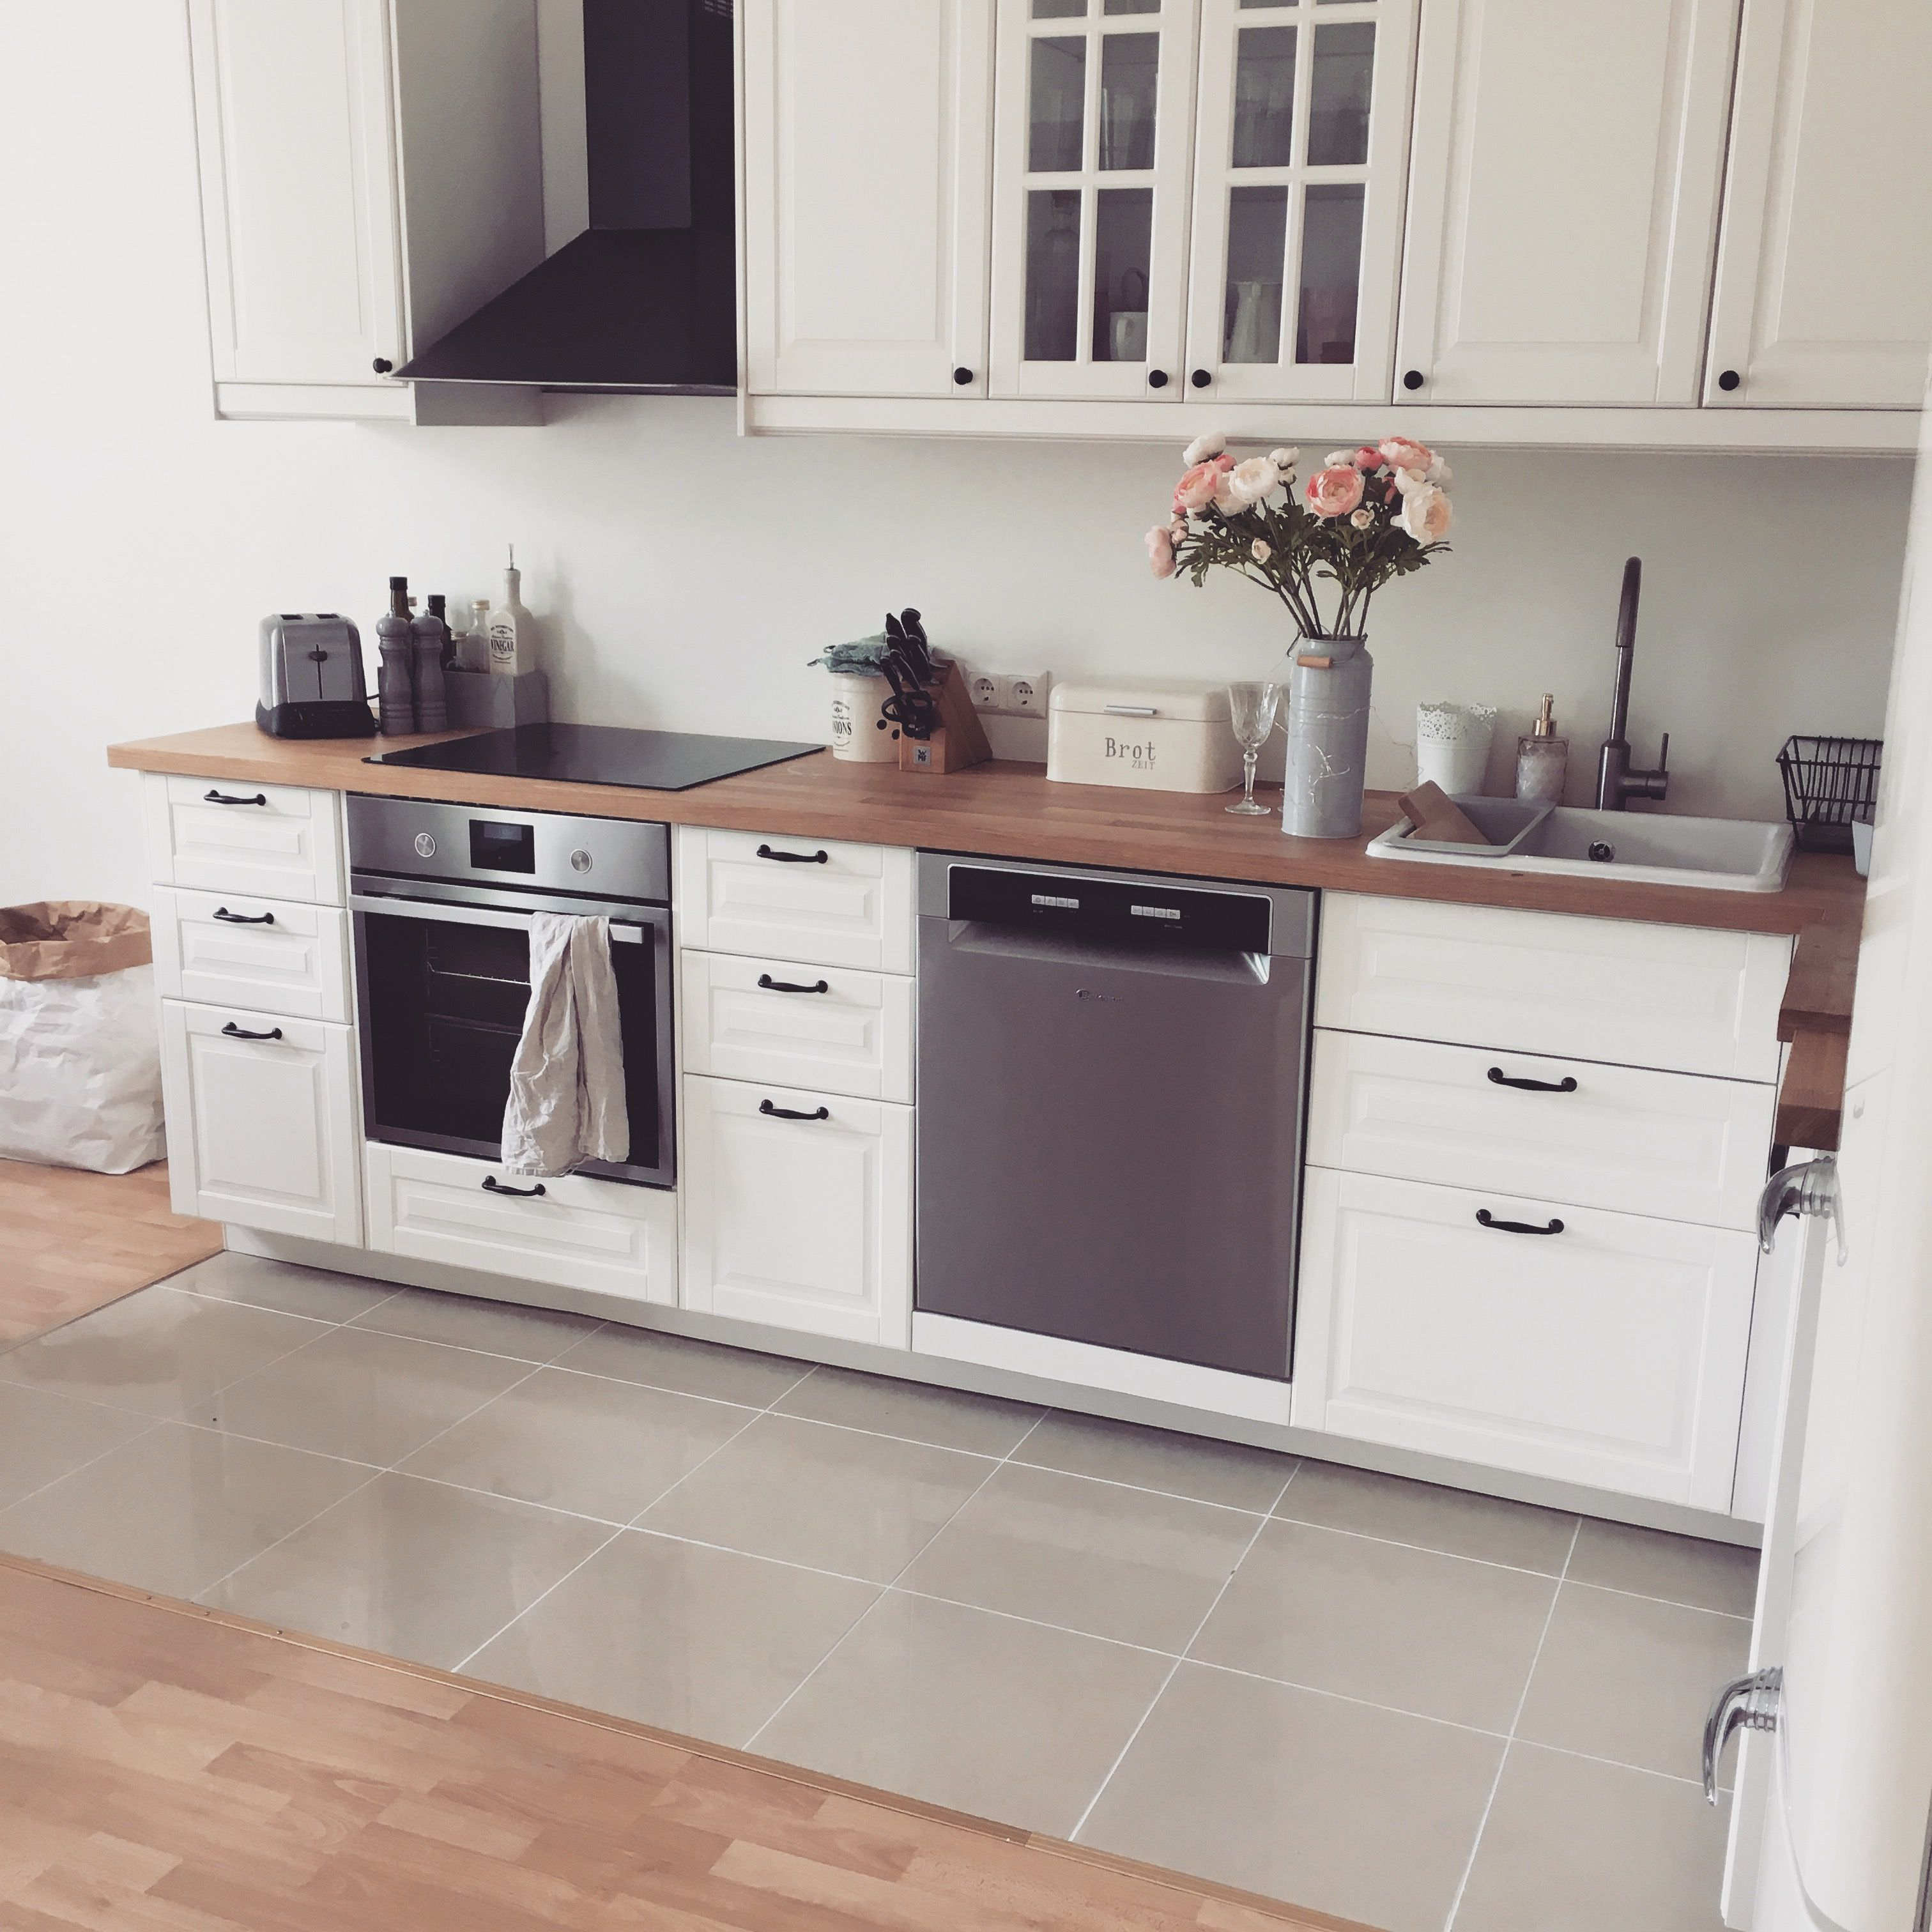 Ikea Küche | Uninnovative Innovationen Für Die Küche Familie Rockt Media